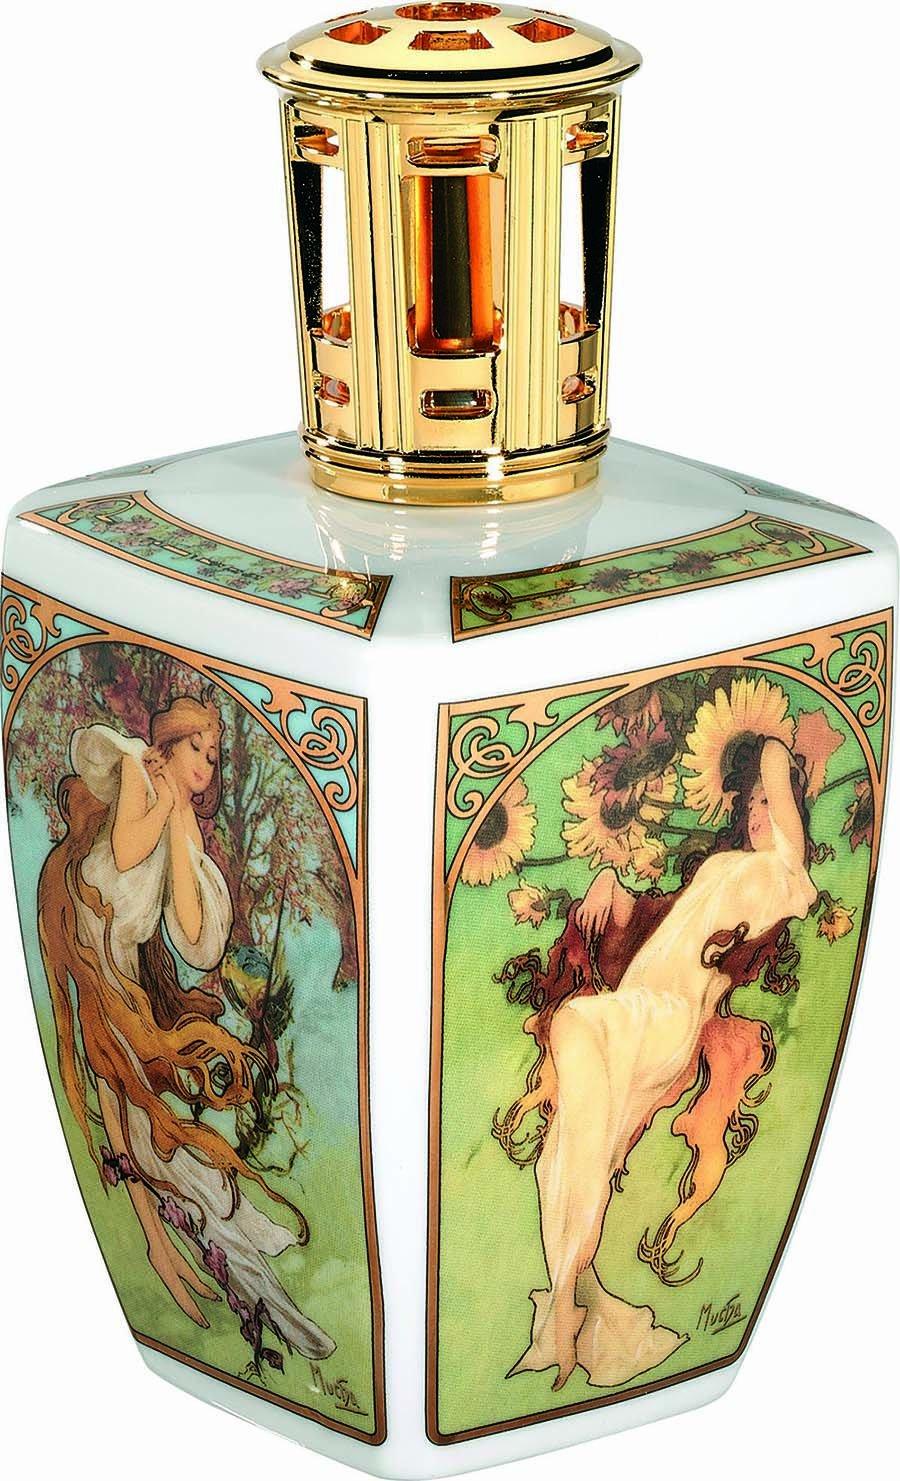 Lampe Berger Lamp - 4 Seasons Mucha